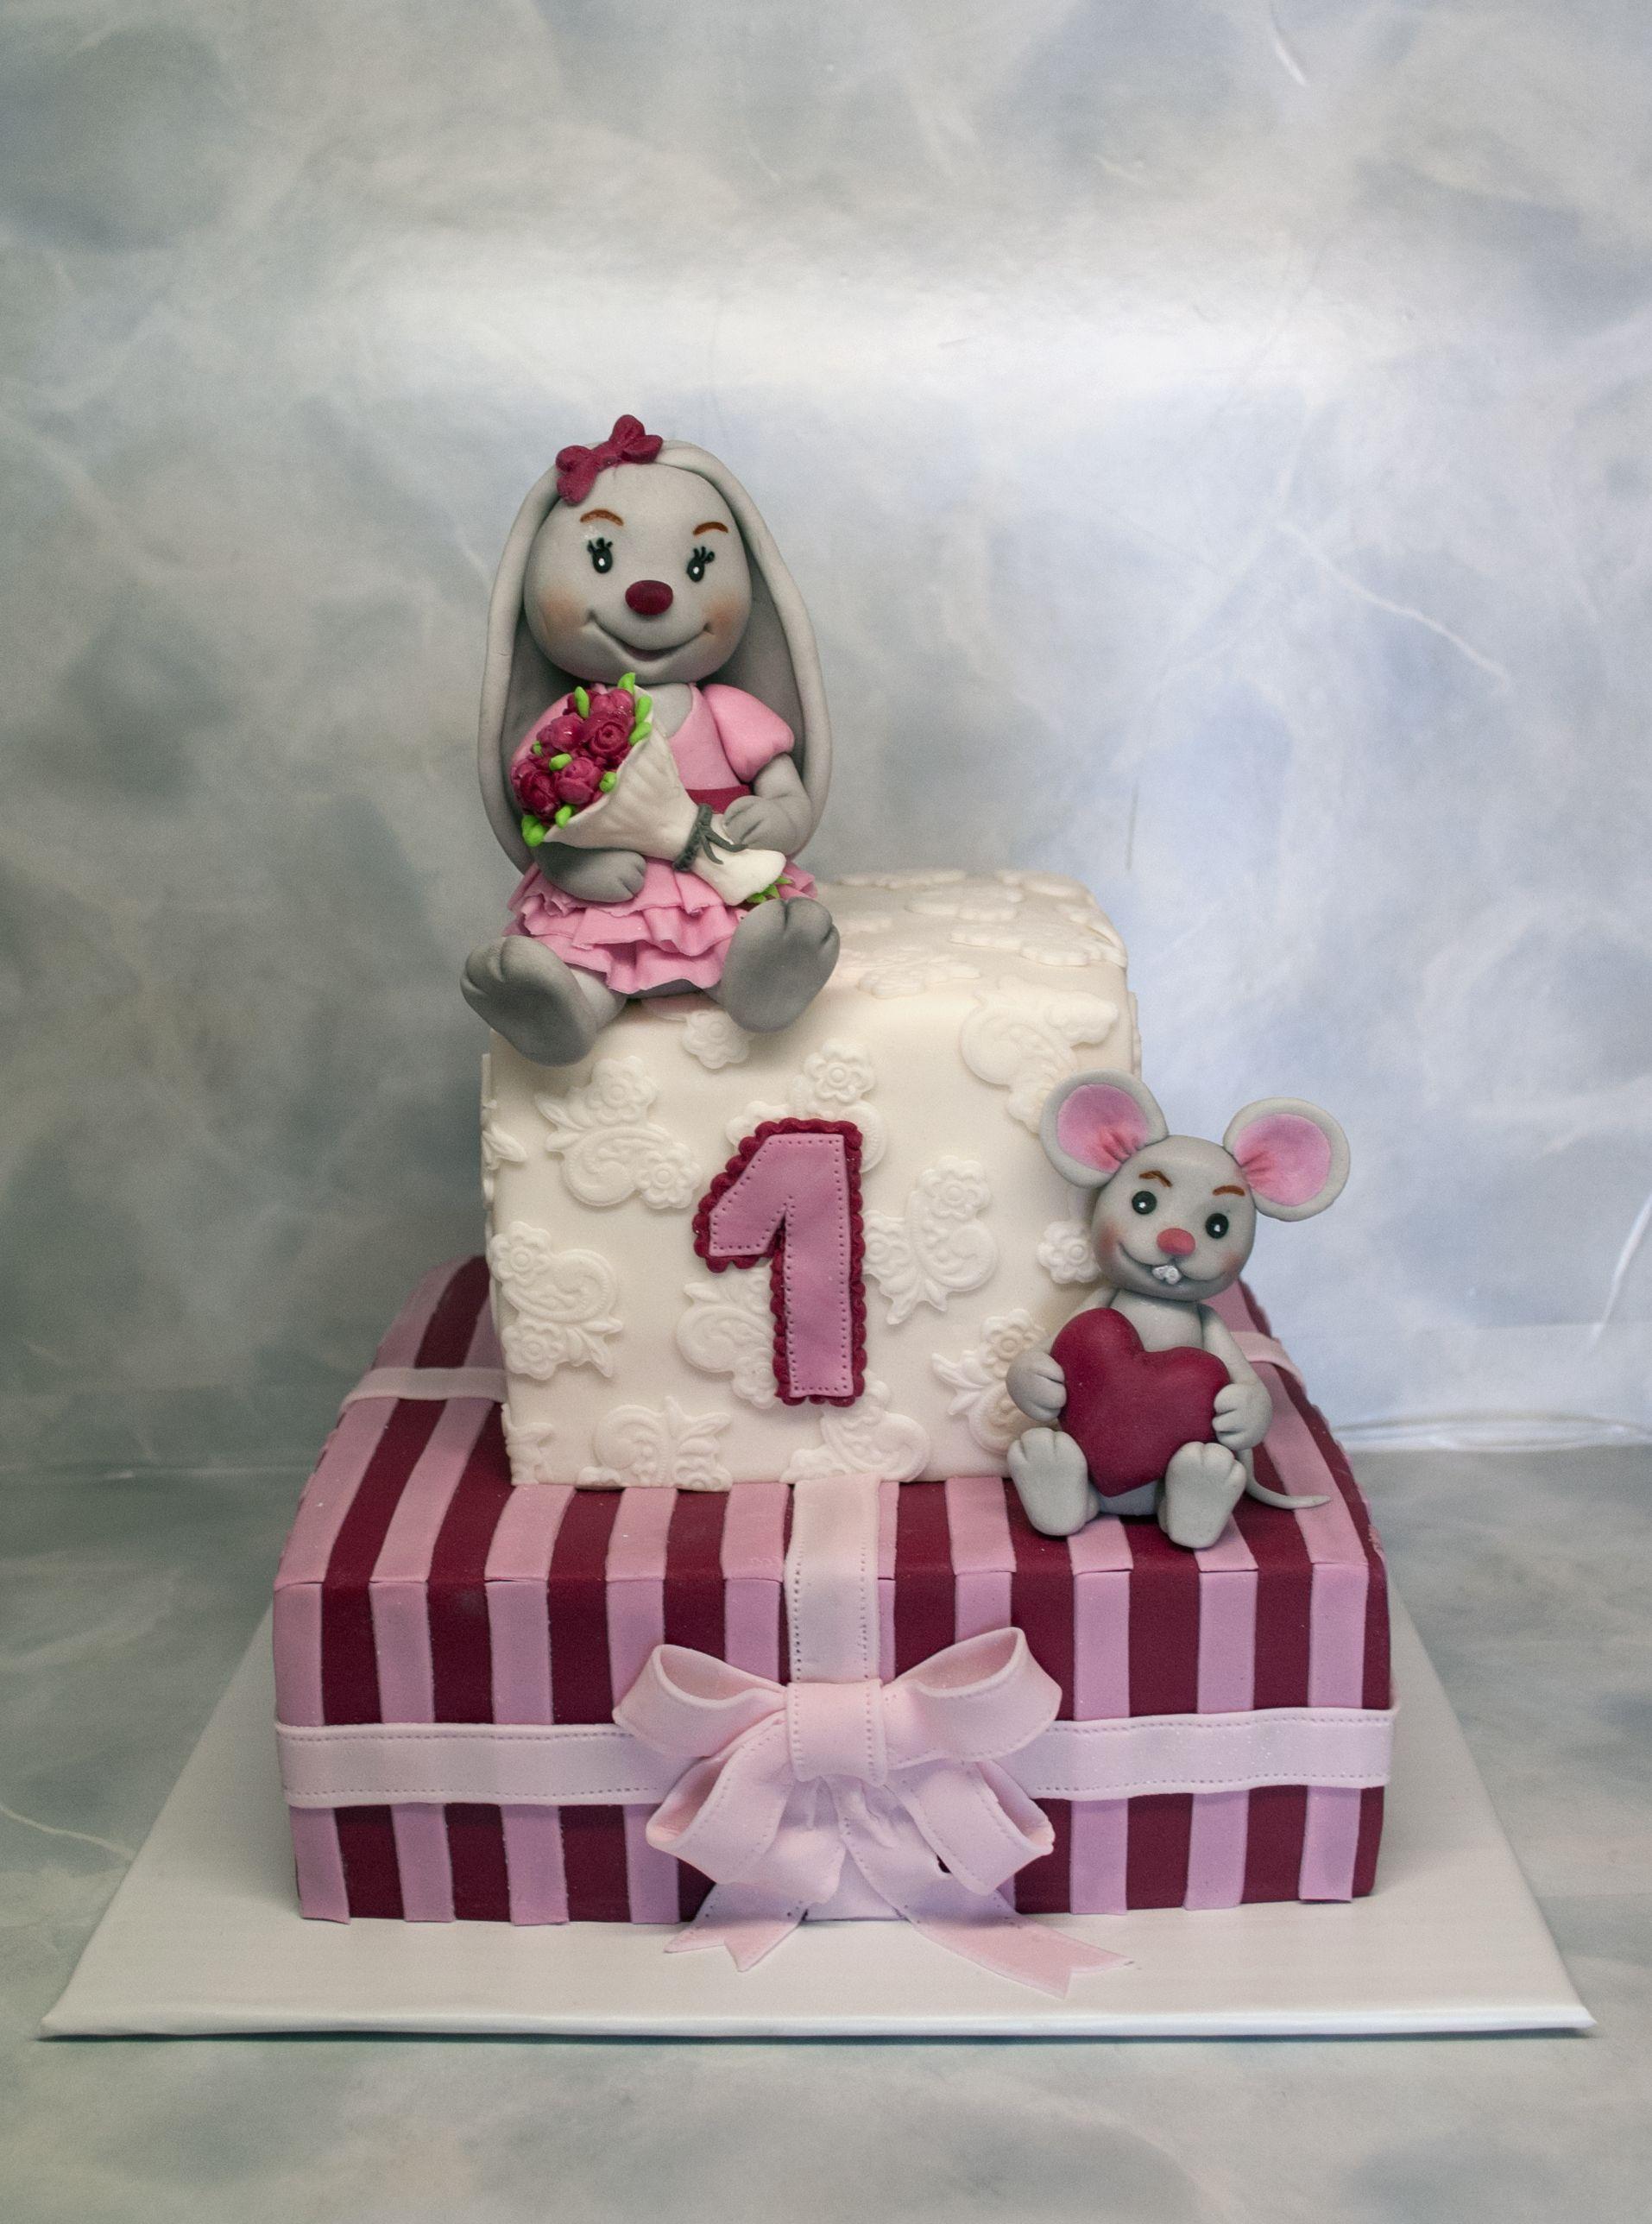 dort k prvním narozeninám pro holčičku Dort k prvním narozeninám s malou králičí holčičkou a myškou. Cake  dort k prvním narozeninám pro holčičku